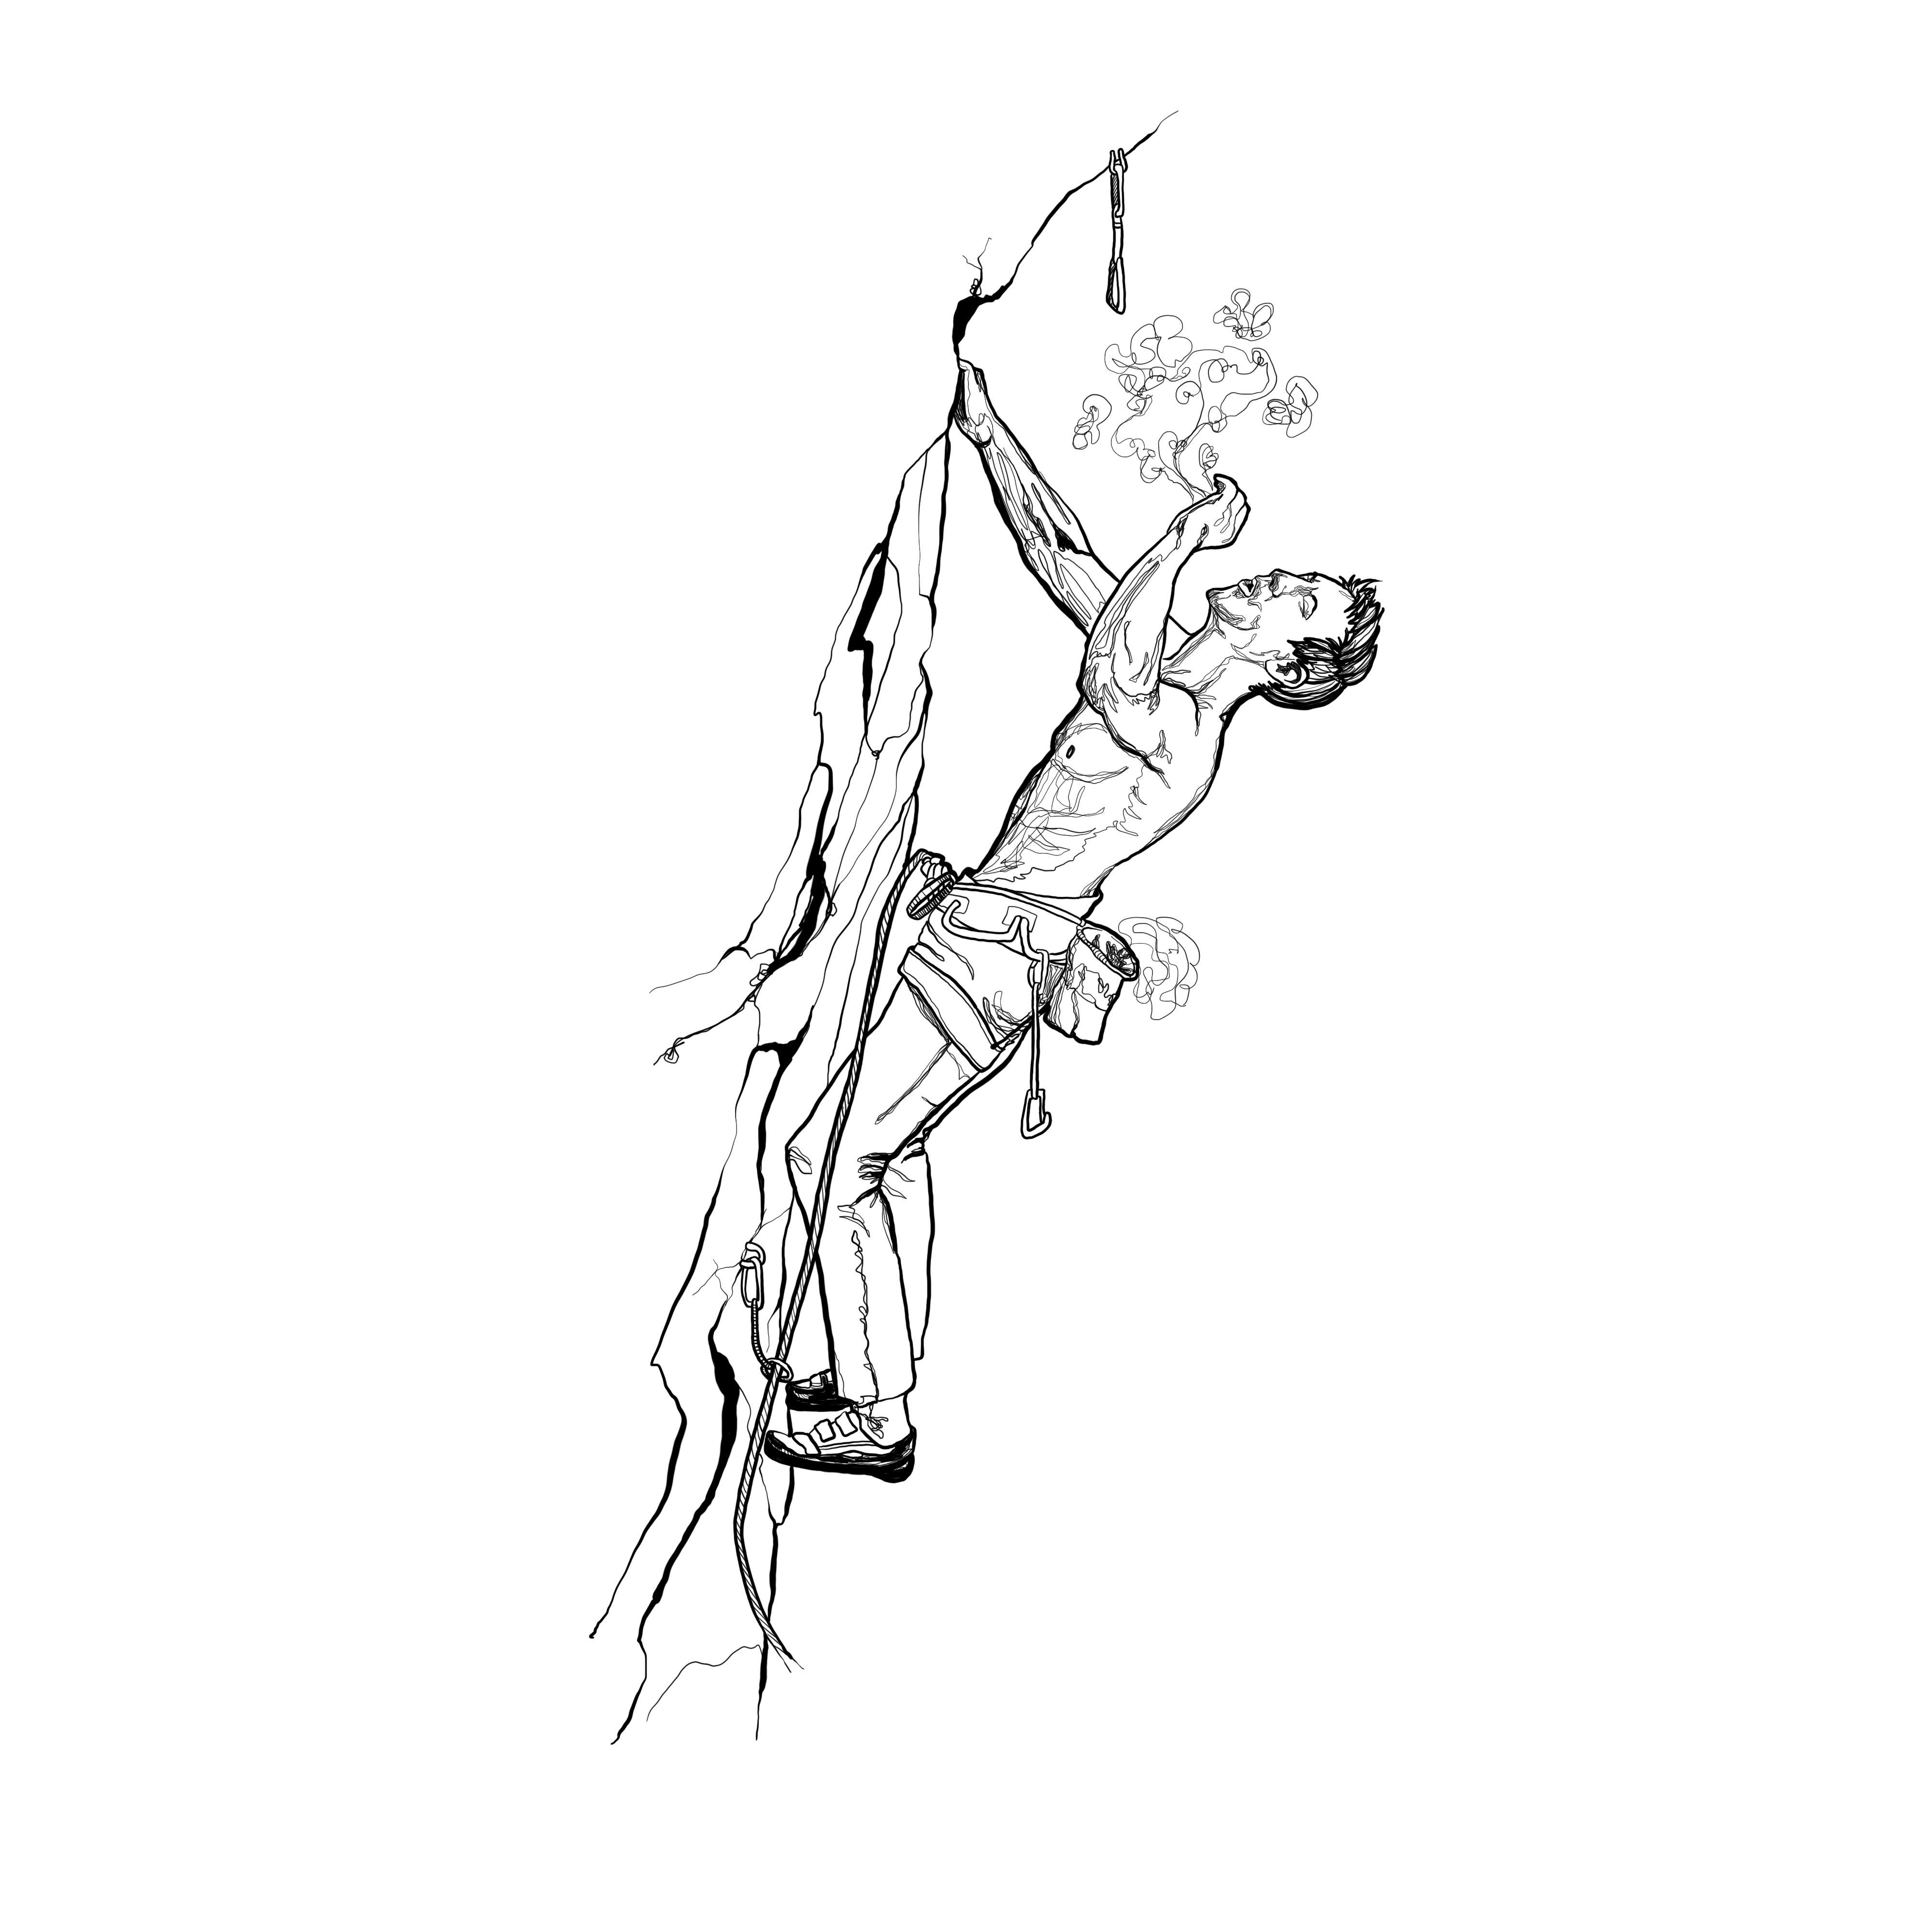 Pen Illustration - Felix Rock Climber